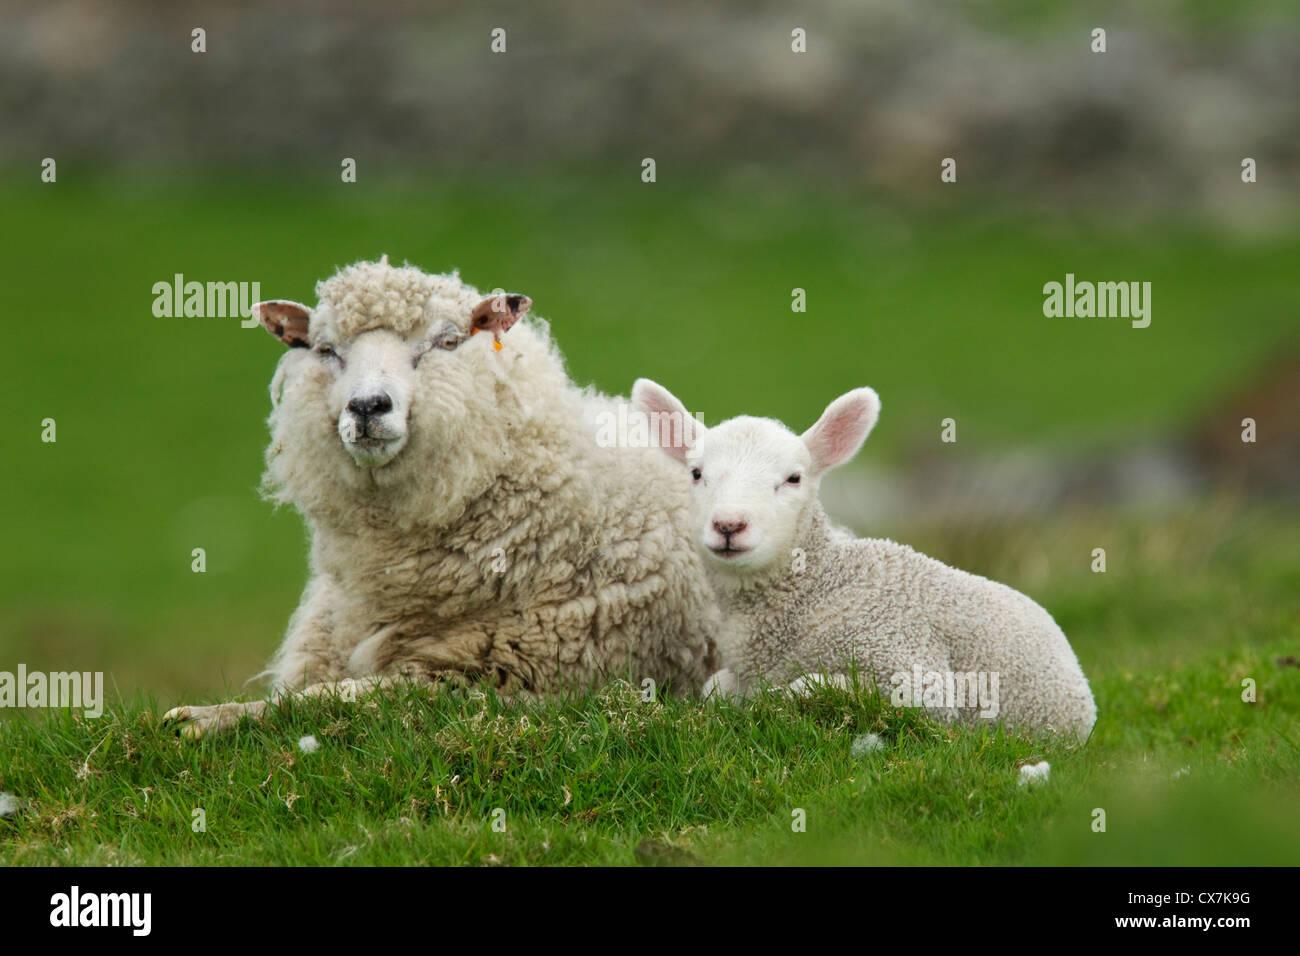 Sheep - ewe with single lamb Shetland, UK MA002482 - Stock Image